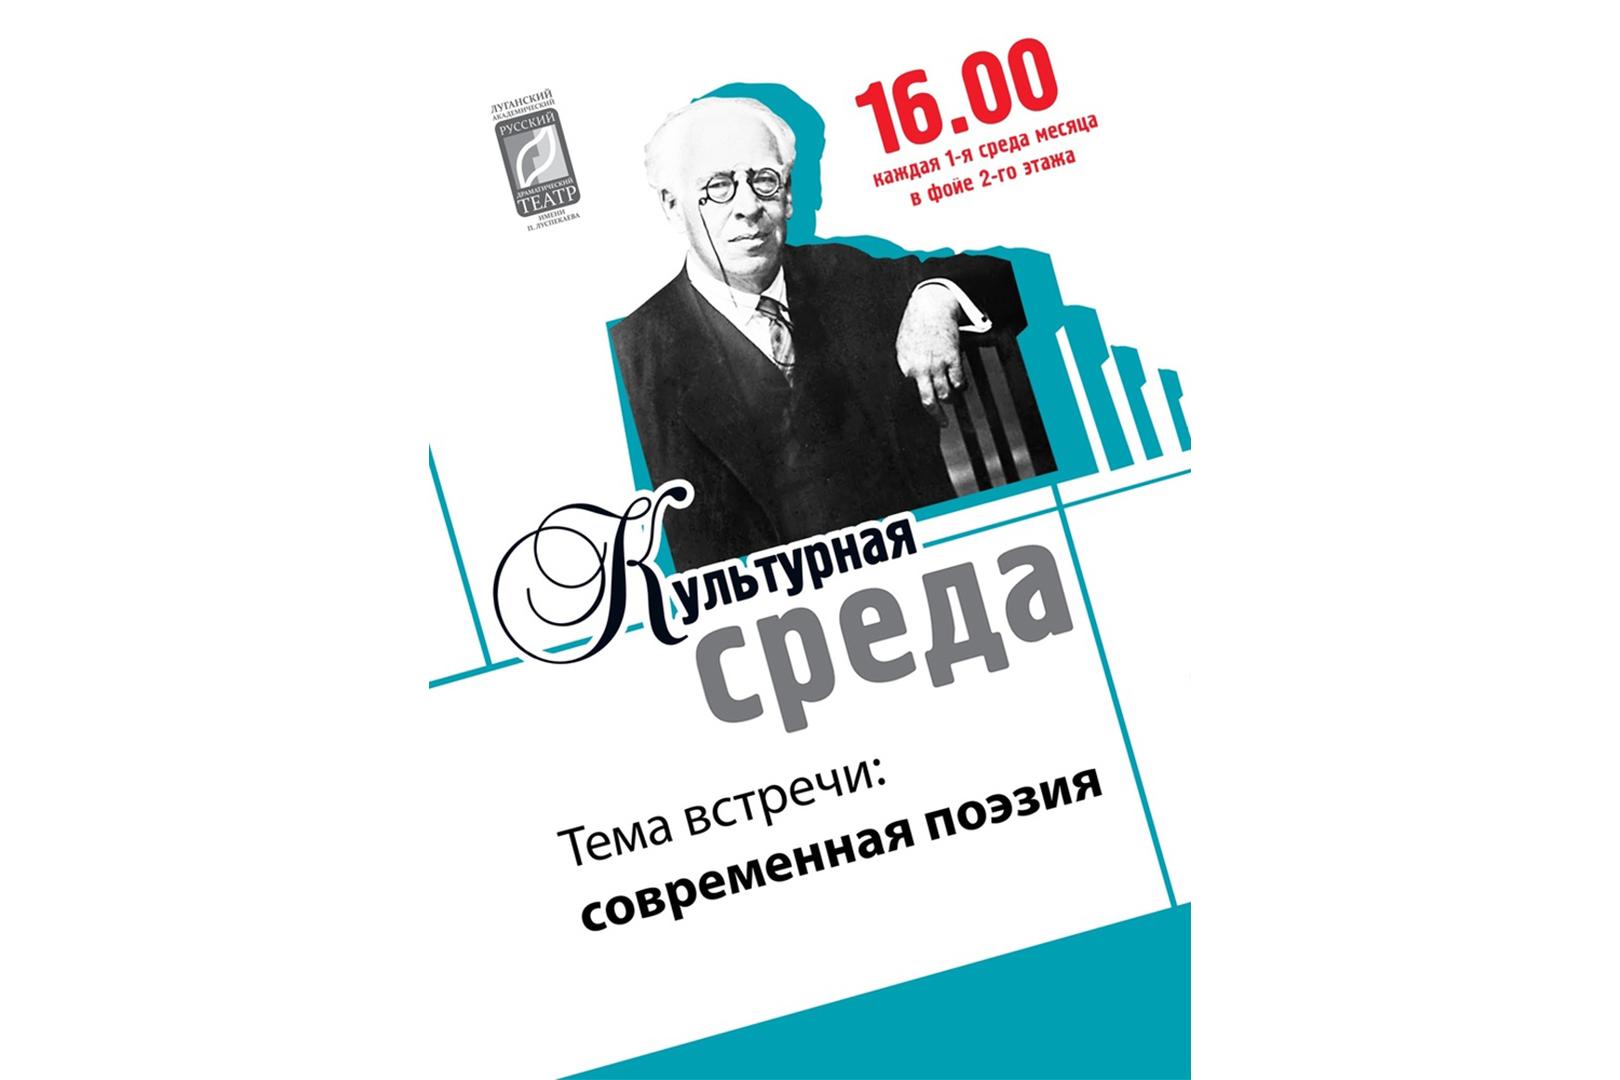 Луганский драмтеатр 7 апреля приглашает на «Культурную среду», посвящённую современной поэзии